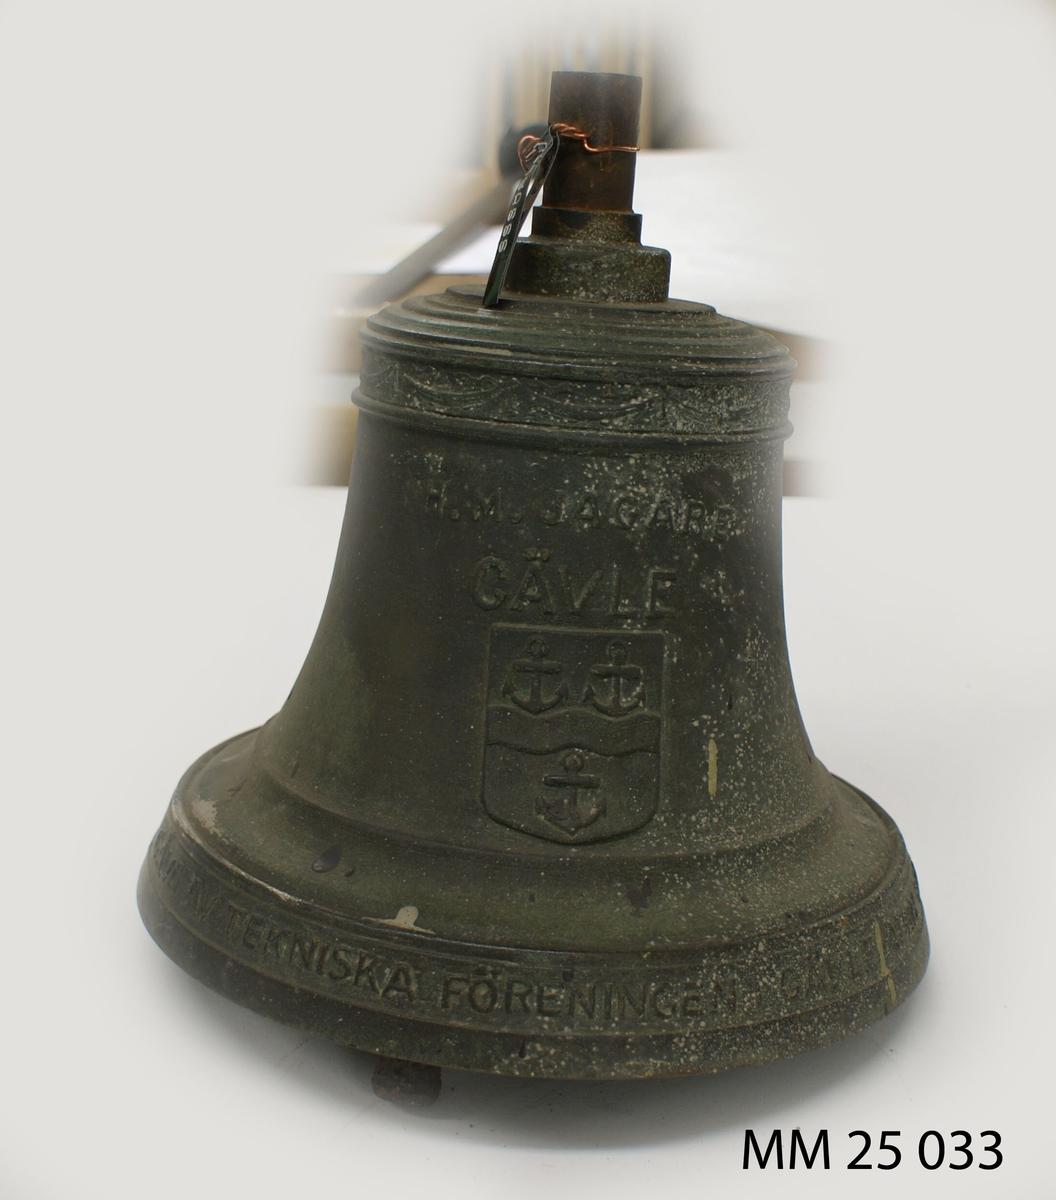 """Skeppsklocka av brons märkt i relief: """"HM Jagare Gävle"""" samt Gävles stadsvapen, motiv av tre ankare. Märkning på klockans mynning: """"Gåva av tekniska föreningen i Gävle april 1941"""". Kläpp av järn. Lapp med märkning: """"SSS 323""""."""